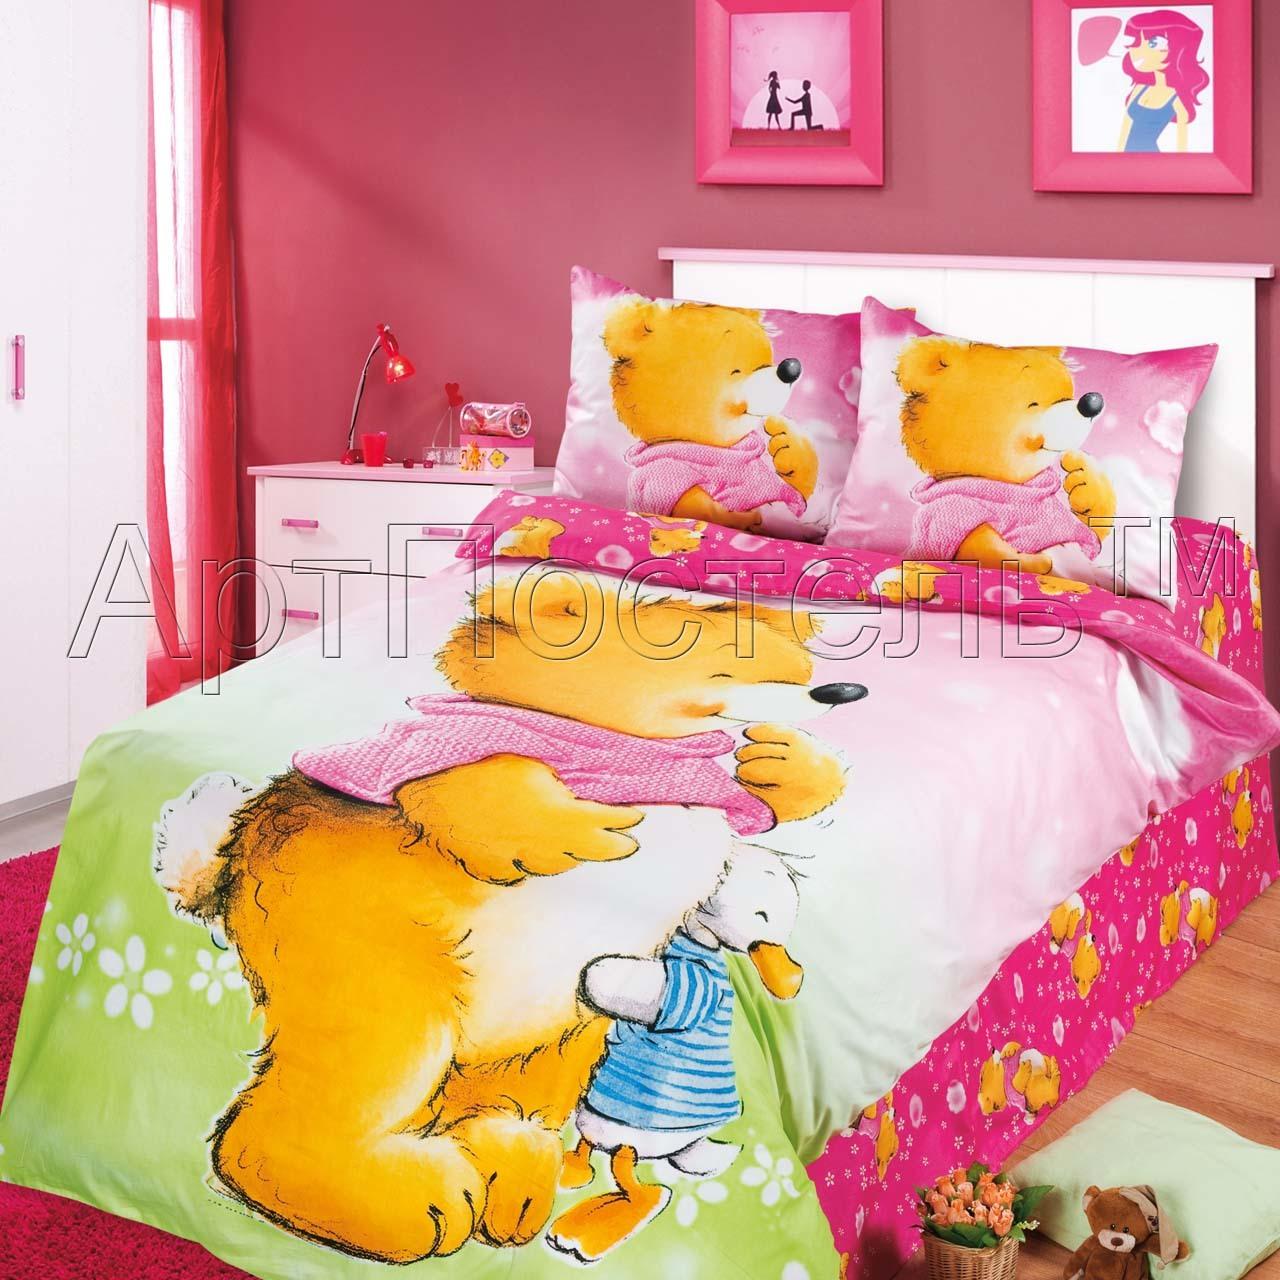 Детское постельное белье, сатин, 1.5-спальное, Давай дружить (розовая простыня) JUNIOR, арт. 740, Детское постельное бельё из сатина (1.5 спальное), Арт-Дизайн (Артпостель), из сатина, детское